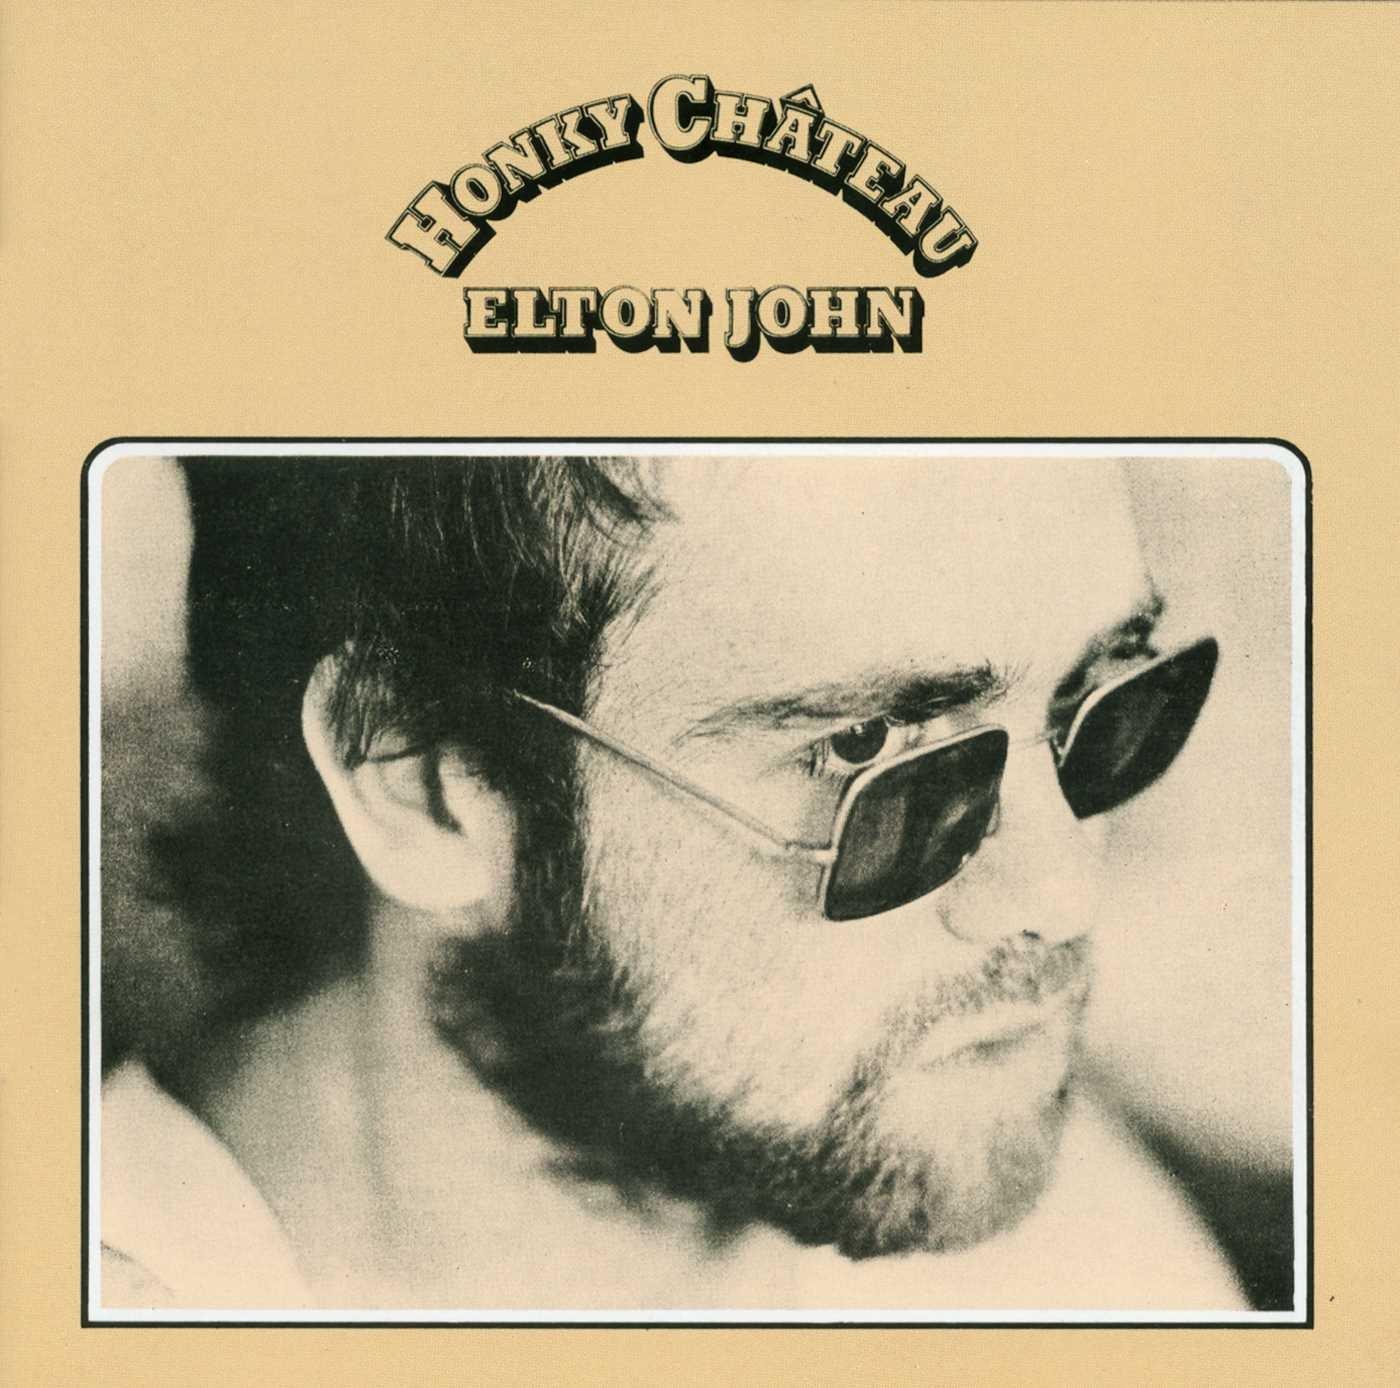 Honky Chateau Elton John album cover